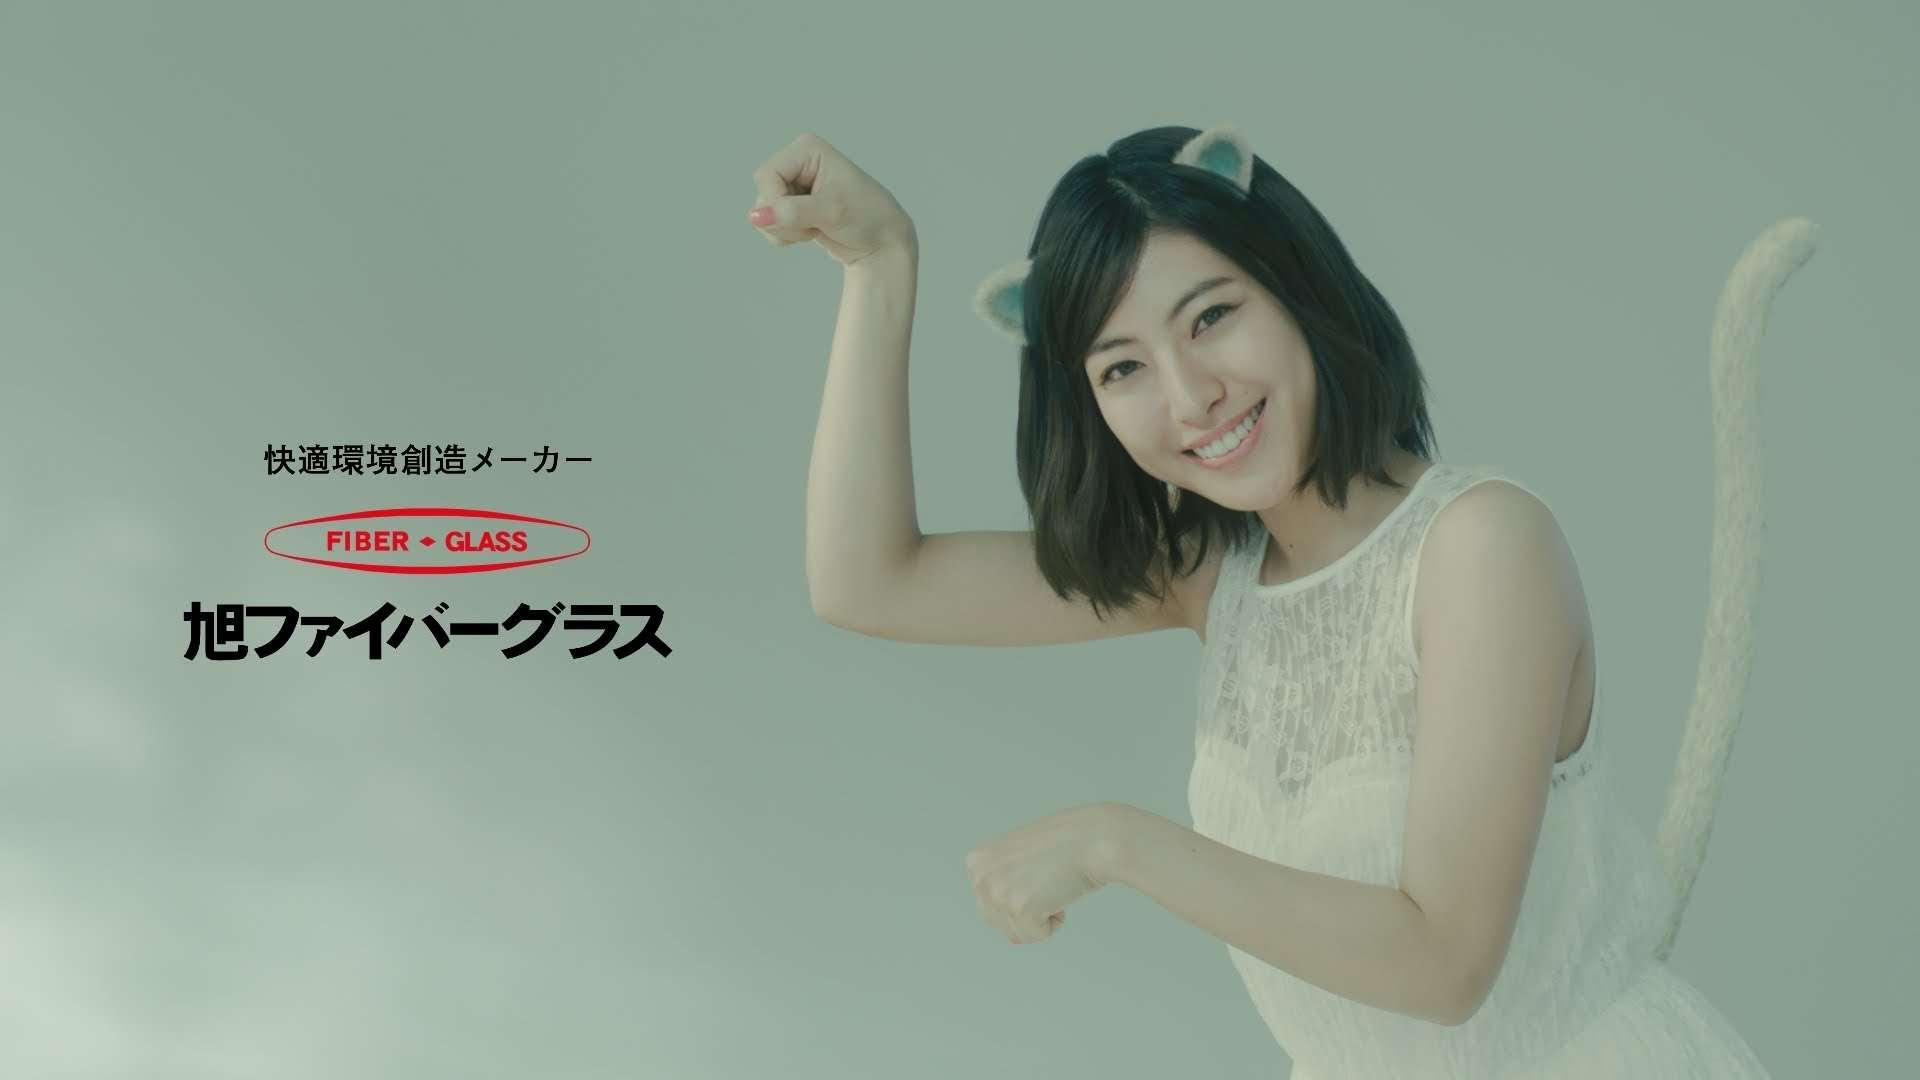 アクリアCM-瀧本美織「みおり猫」篇(30秒)【旭ファイバーグラス公式】 - YouTube